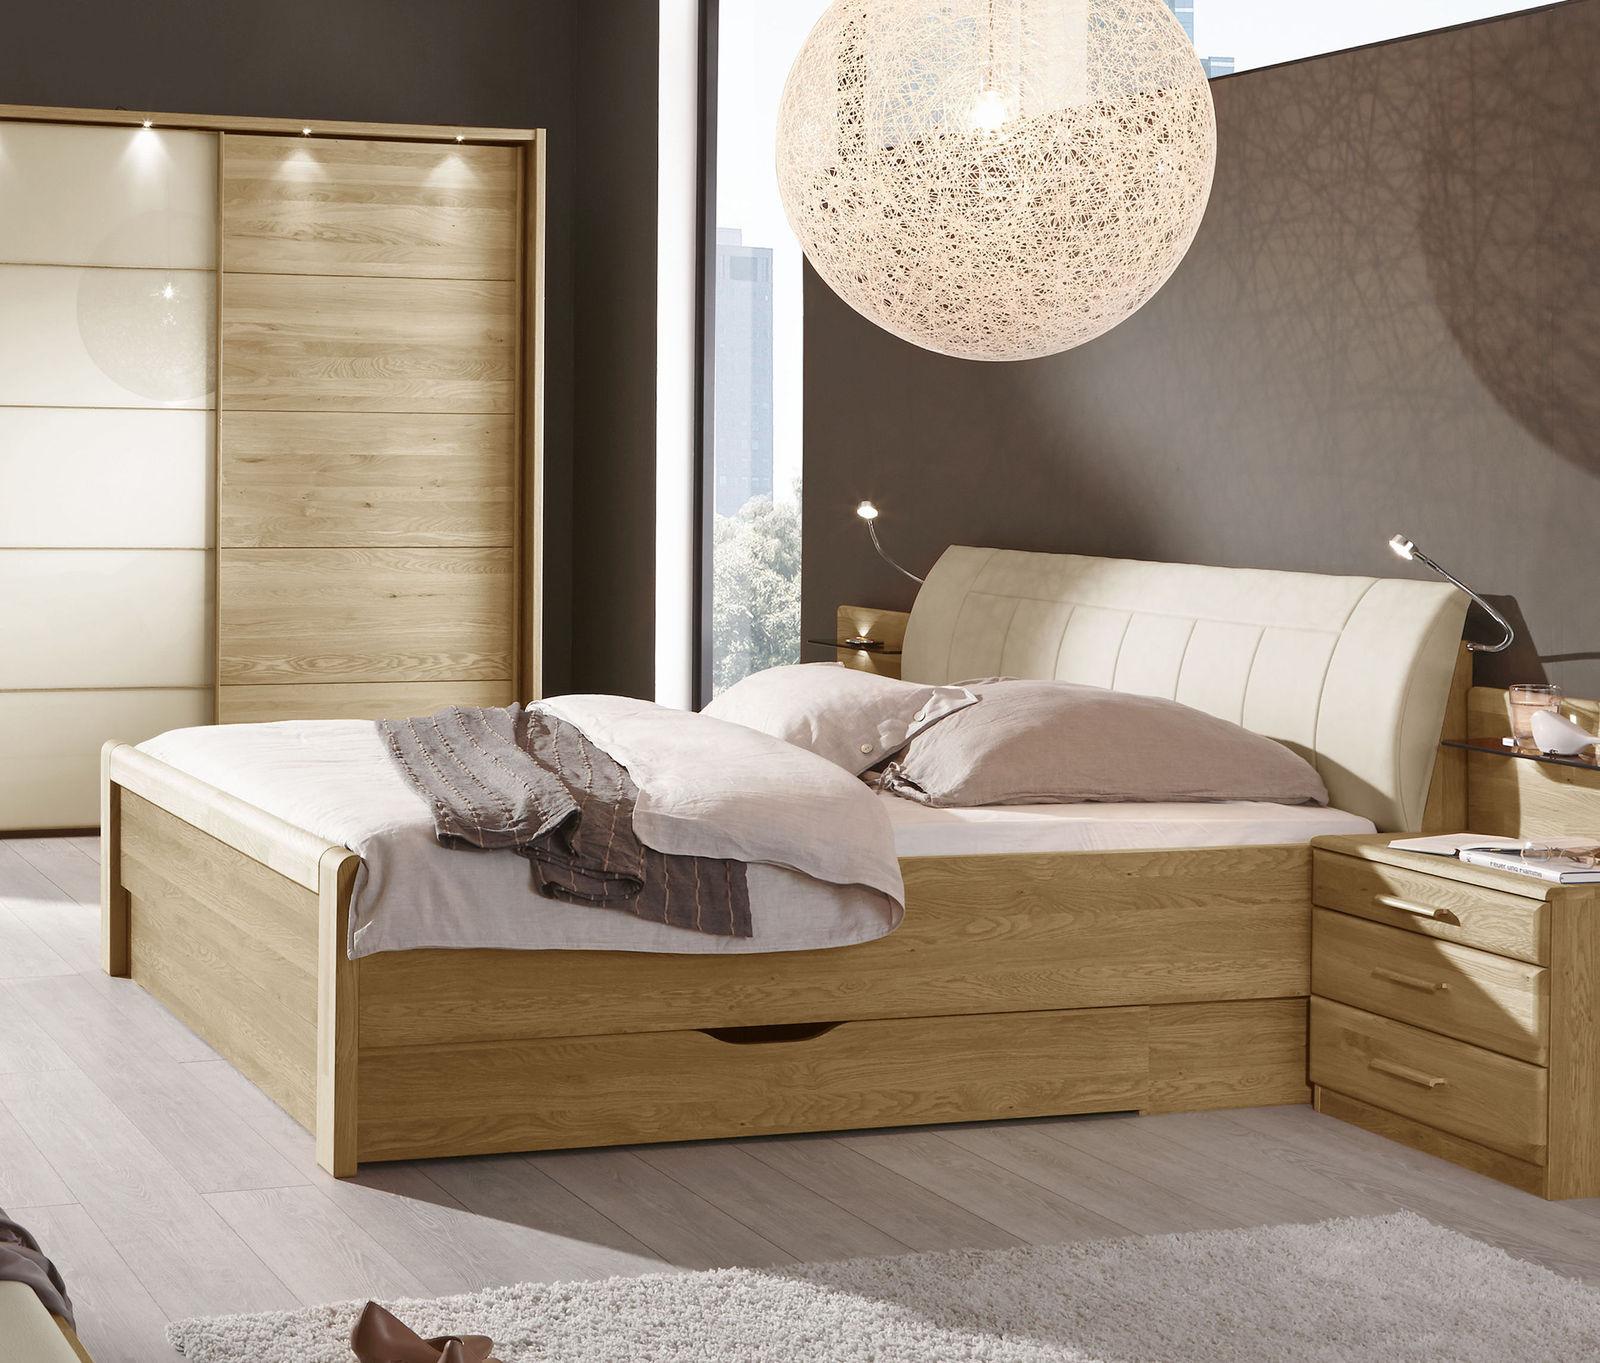 schubkastenbett teilmassive eiche mit kunstleder kopfteil. Black Bedroom Furniture Sets. Home Design Ideas